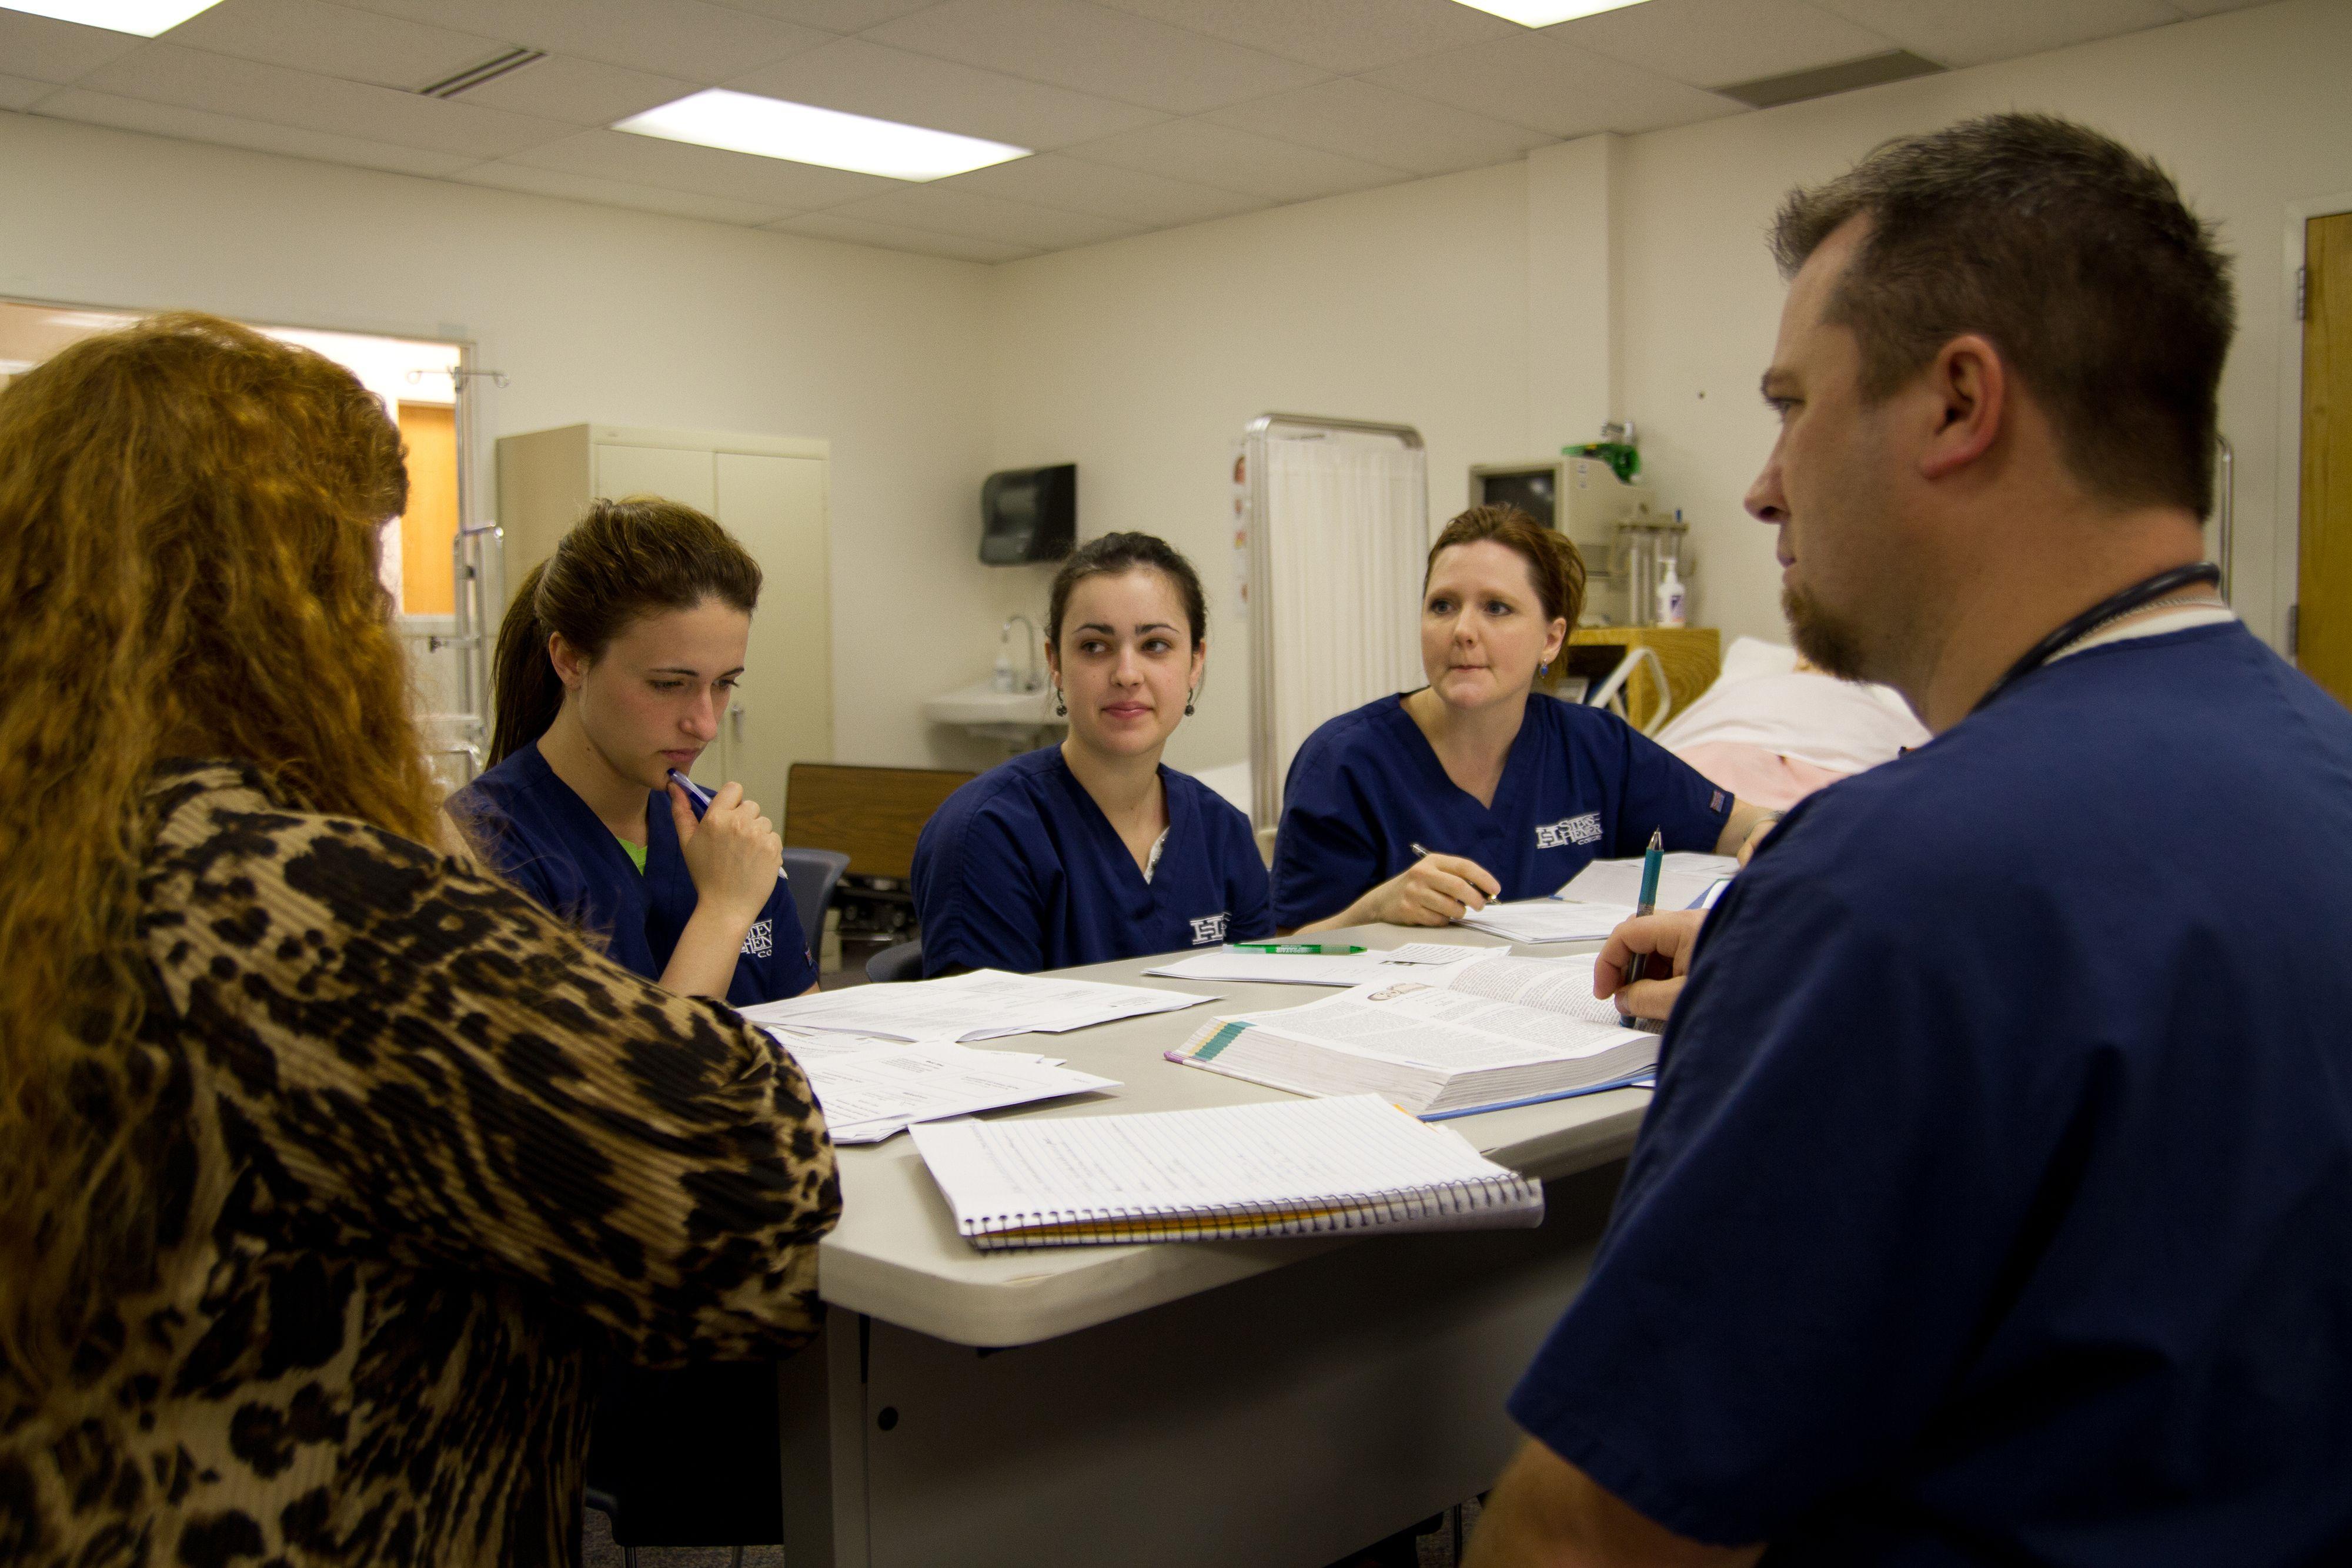 StevensHenager offers degrees in healthcare, business